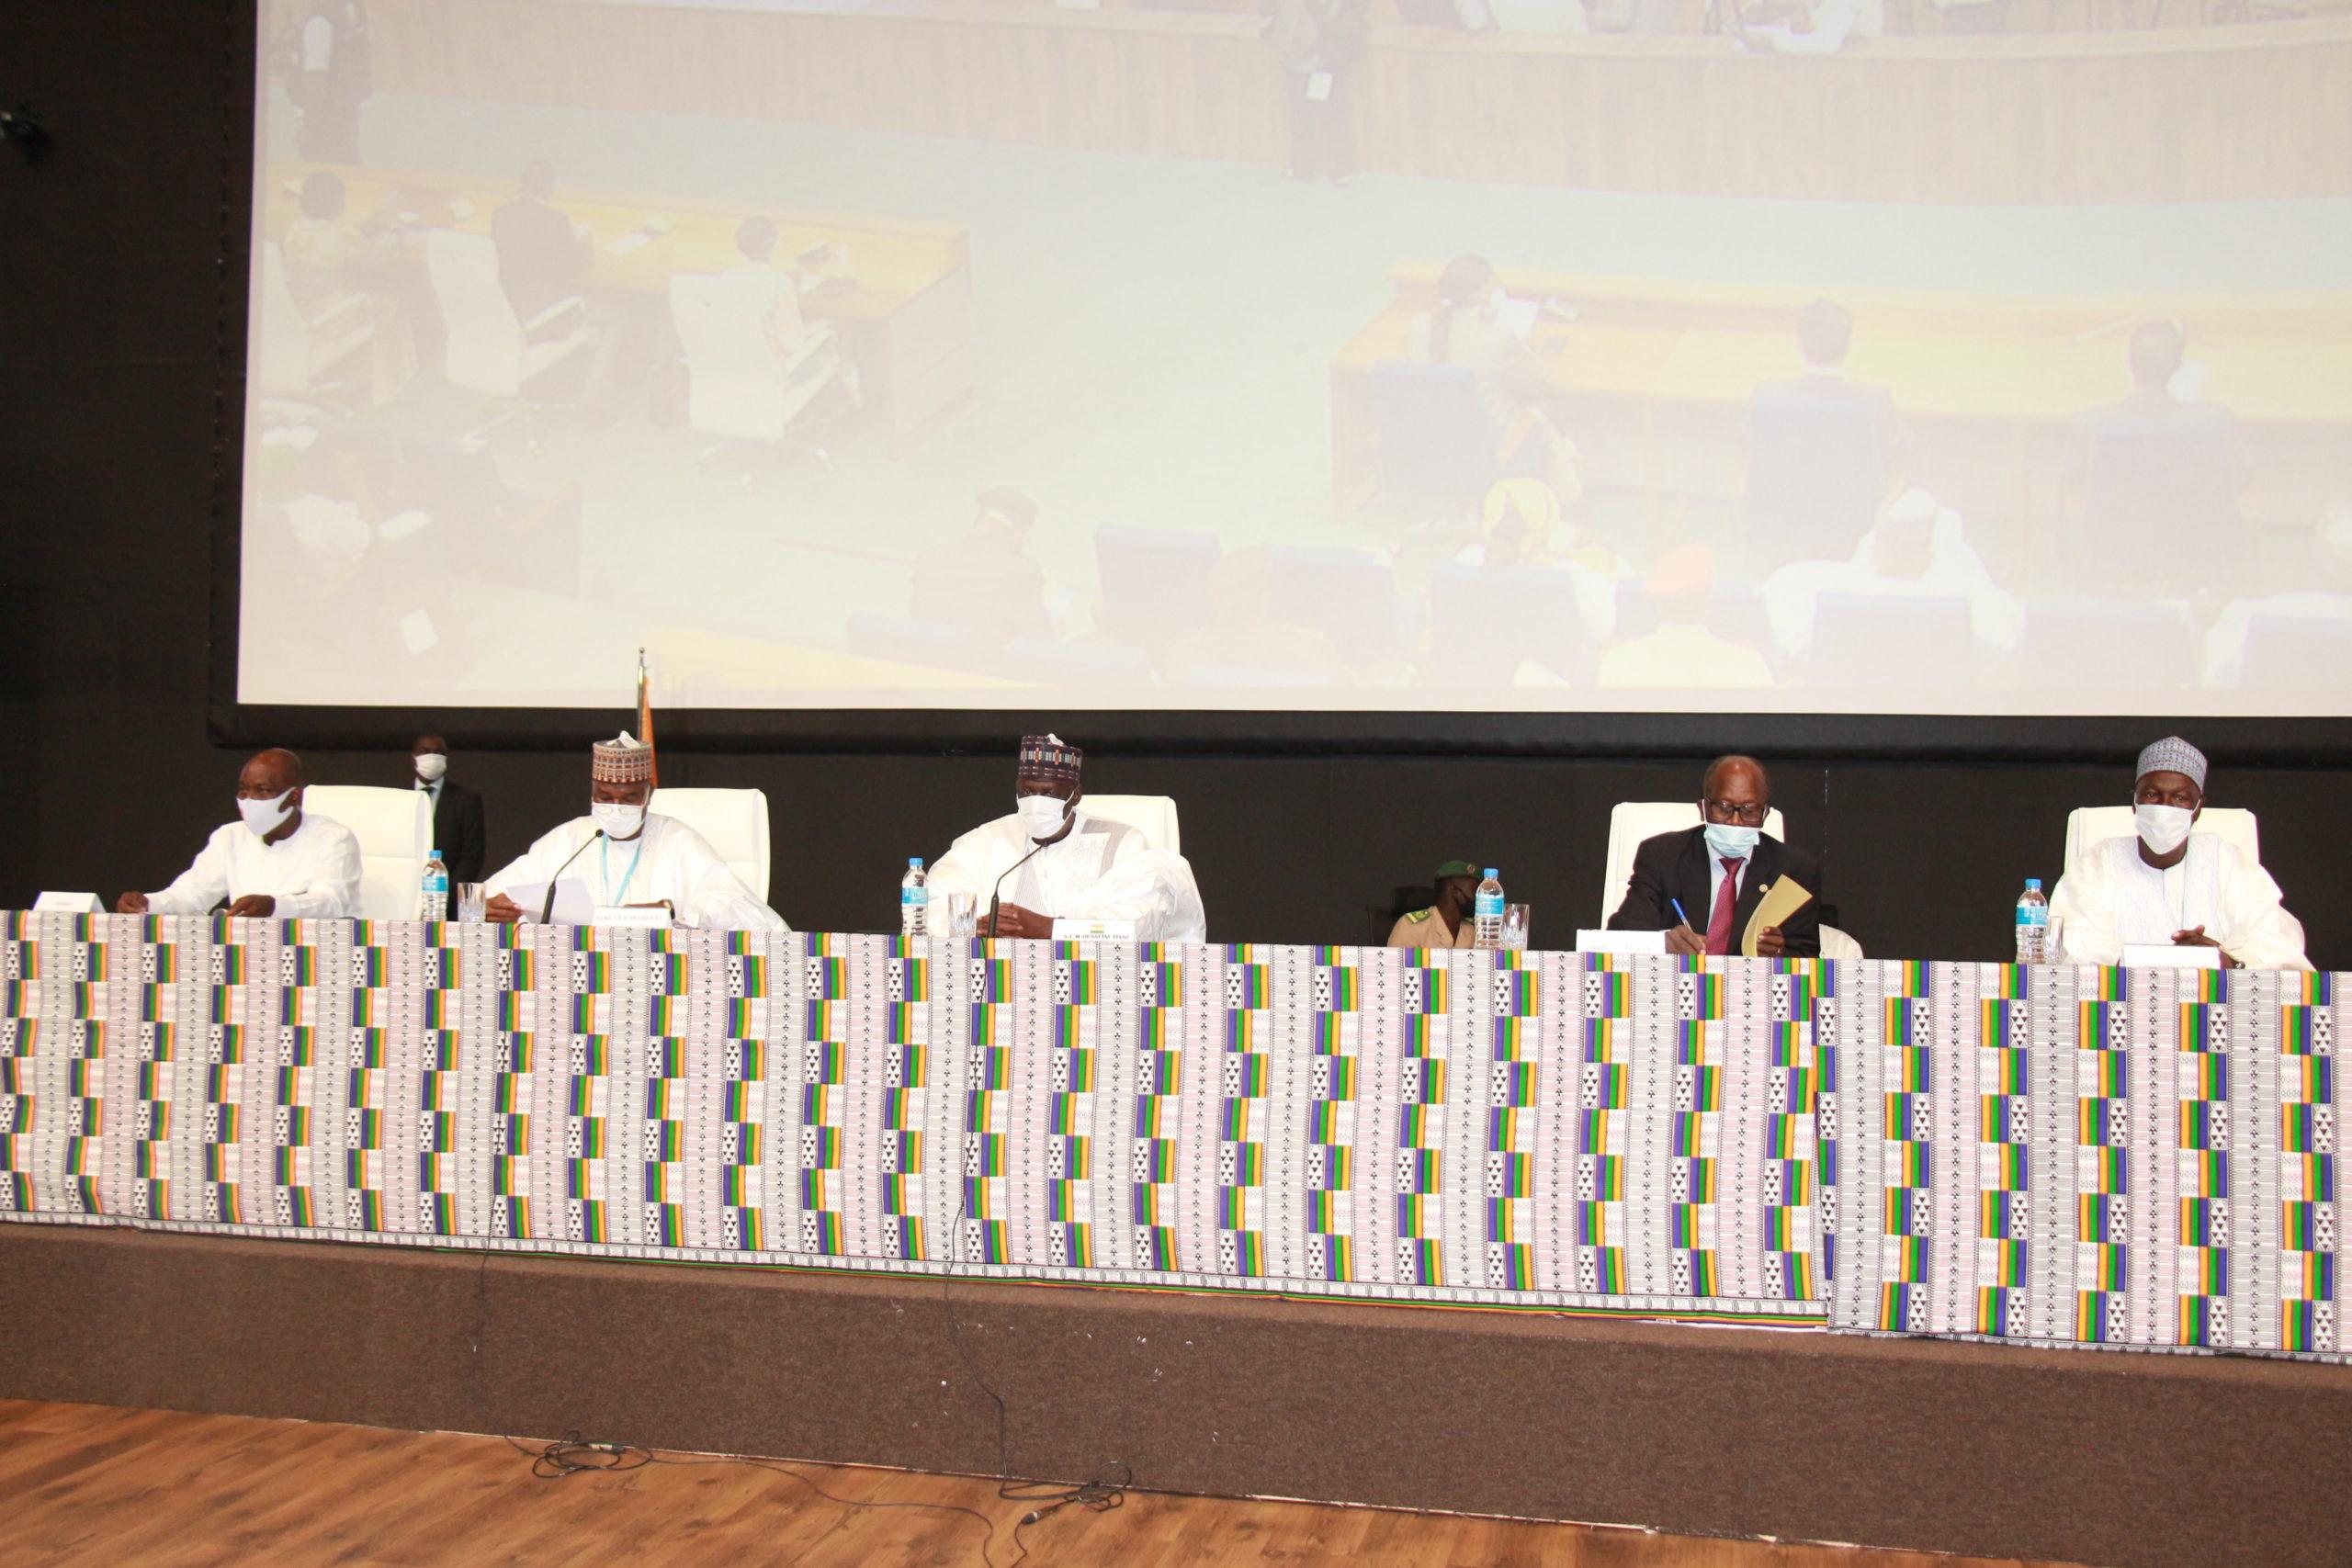 Deuxième édition du Forum Interparlementaire des Technologie de l'Information et de la Communication de la CEDEAO (FITIC-CEDEAO)